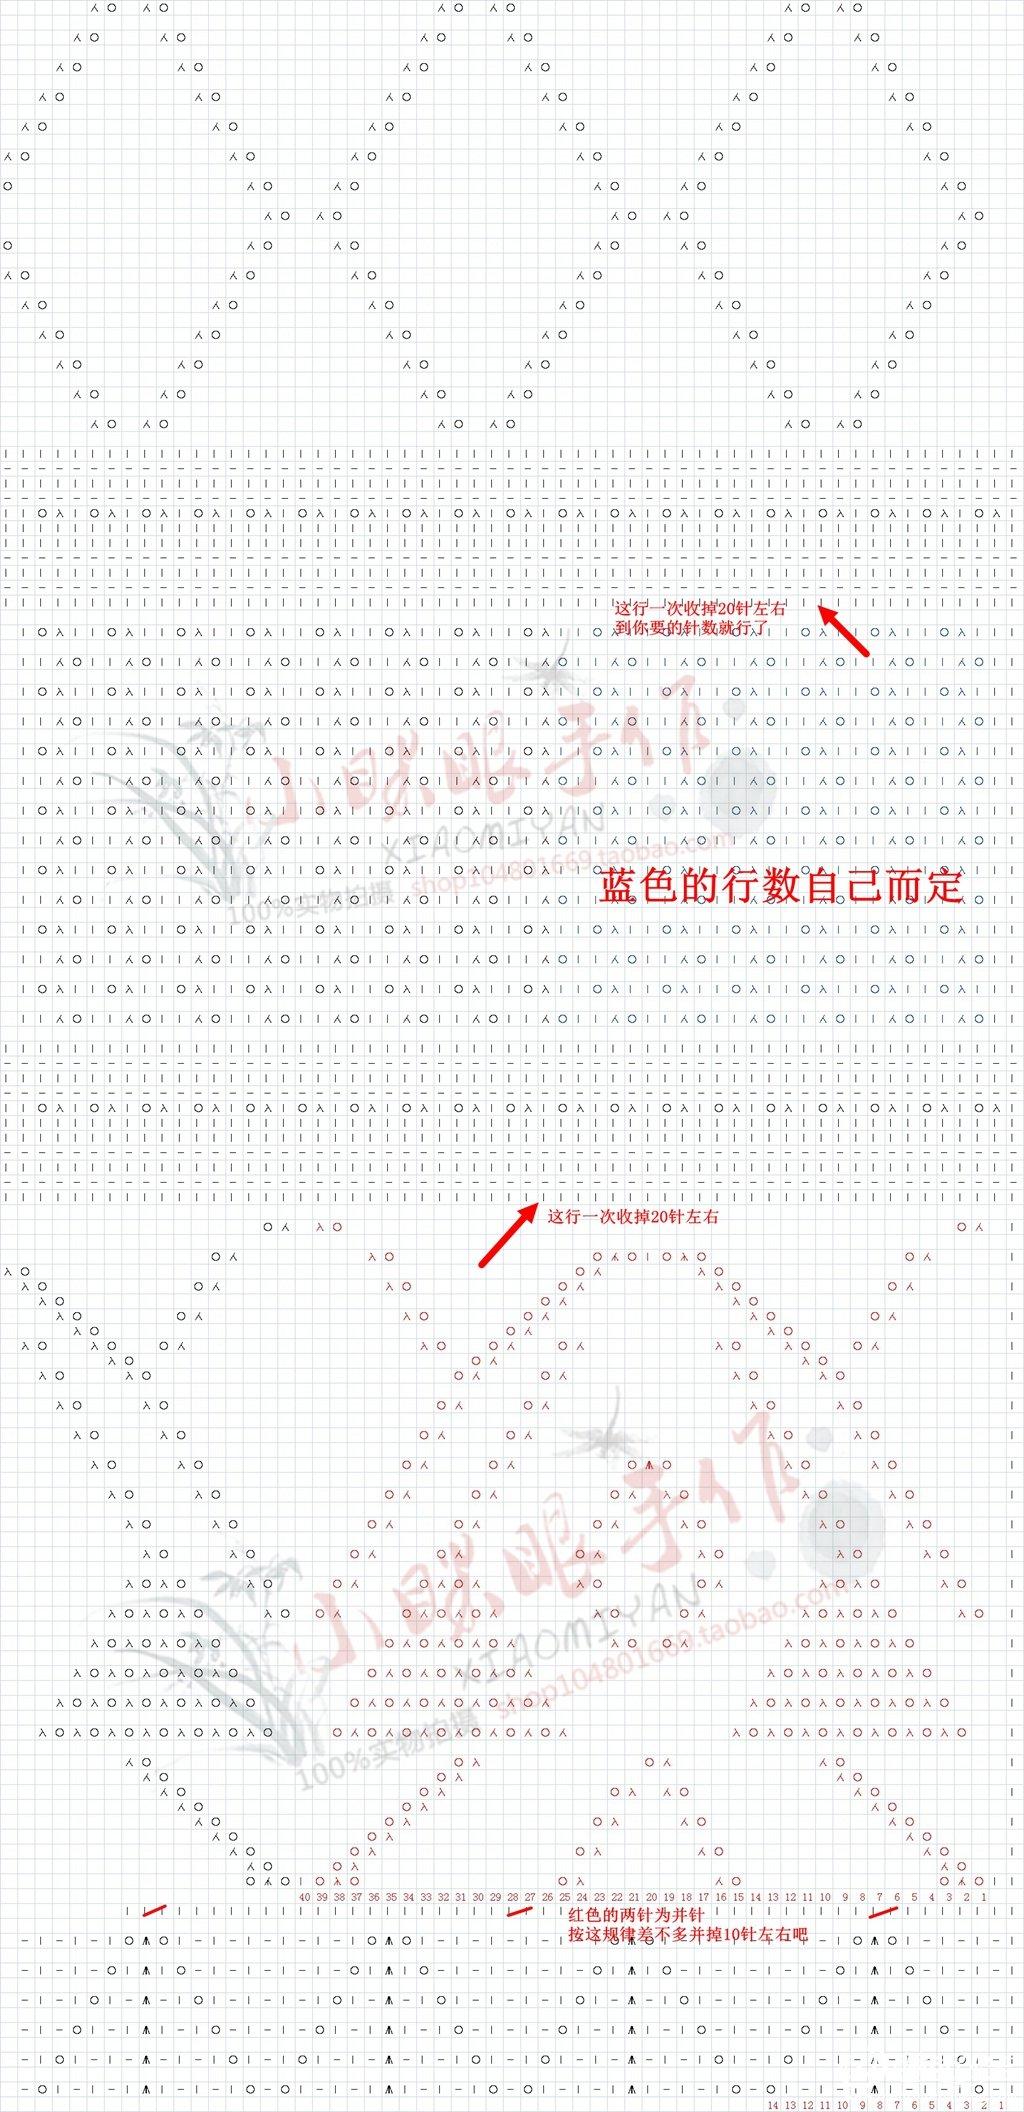 淘宝衣图解_副本.jpg